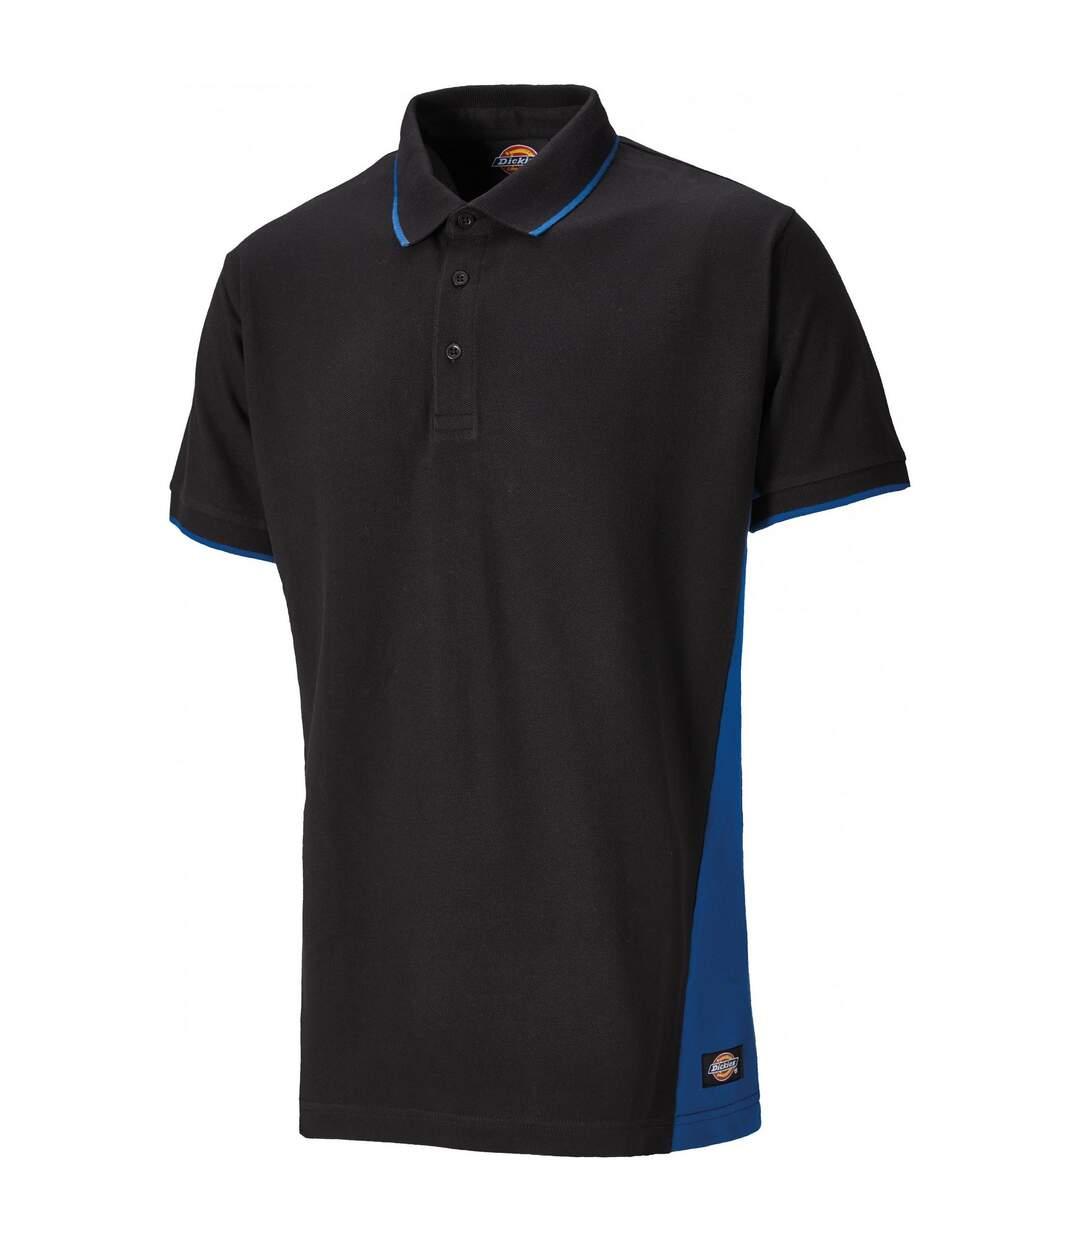 Dickies Mens Two Tone Piqu Polo Shirt (Black/Royal) - UTPC3460